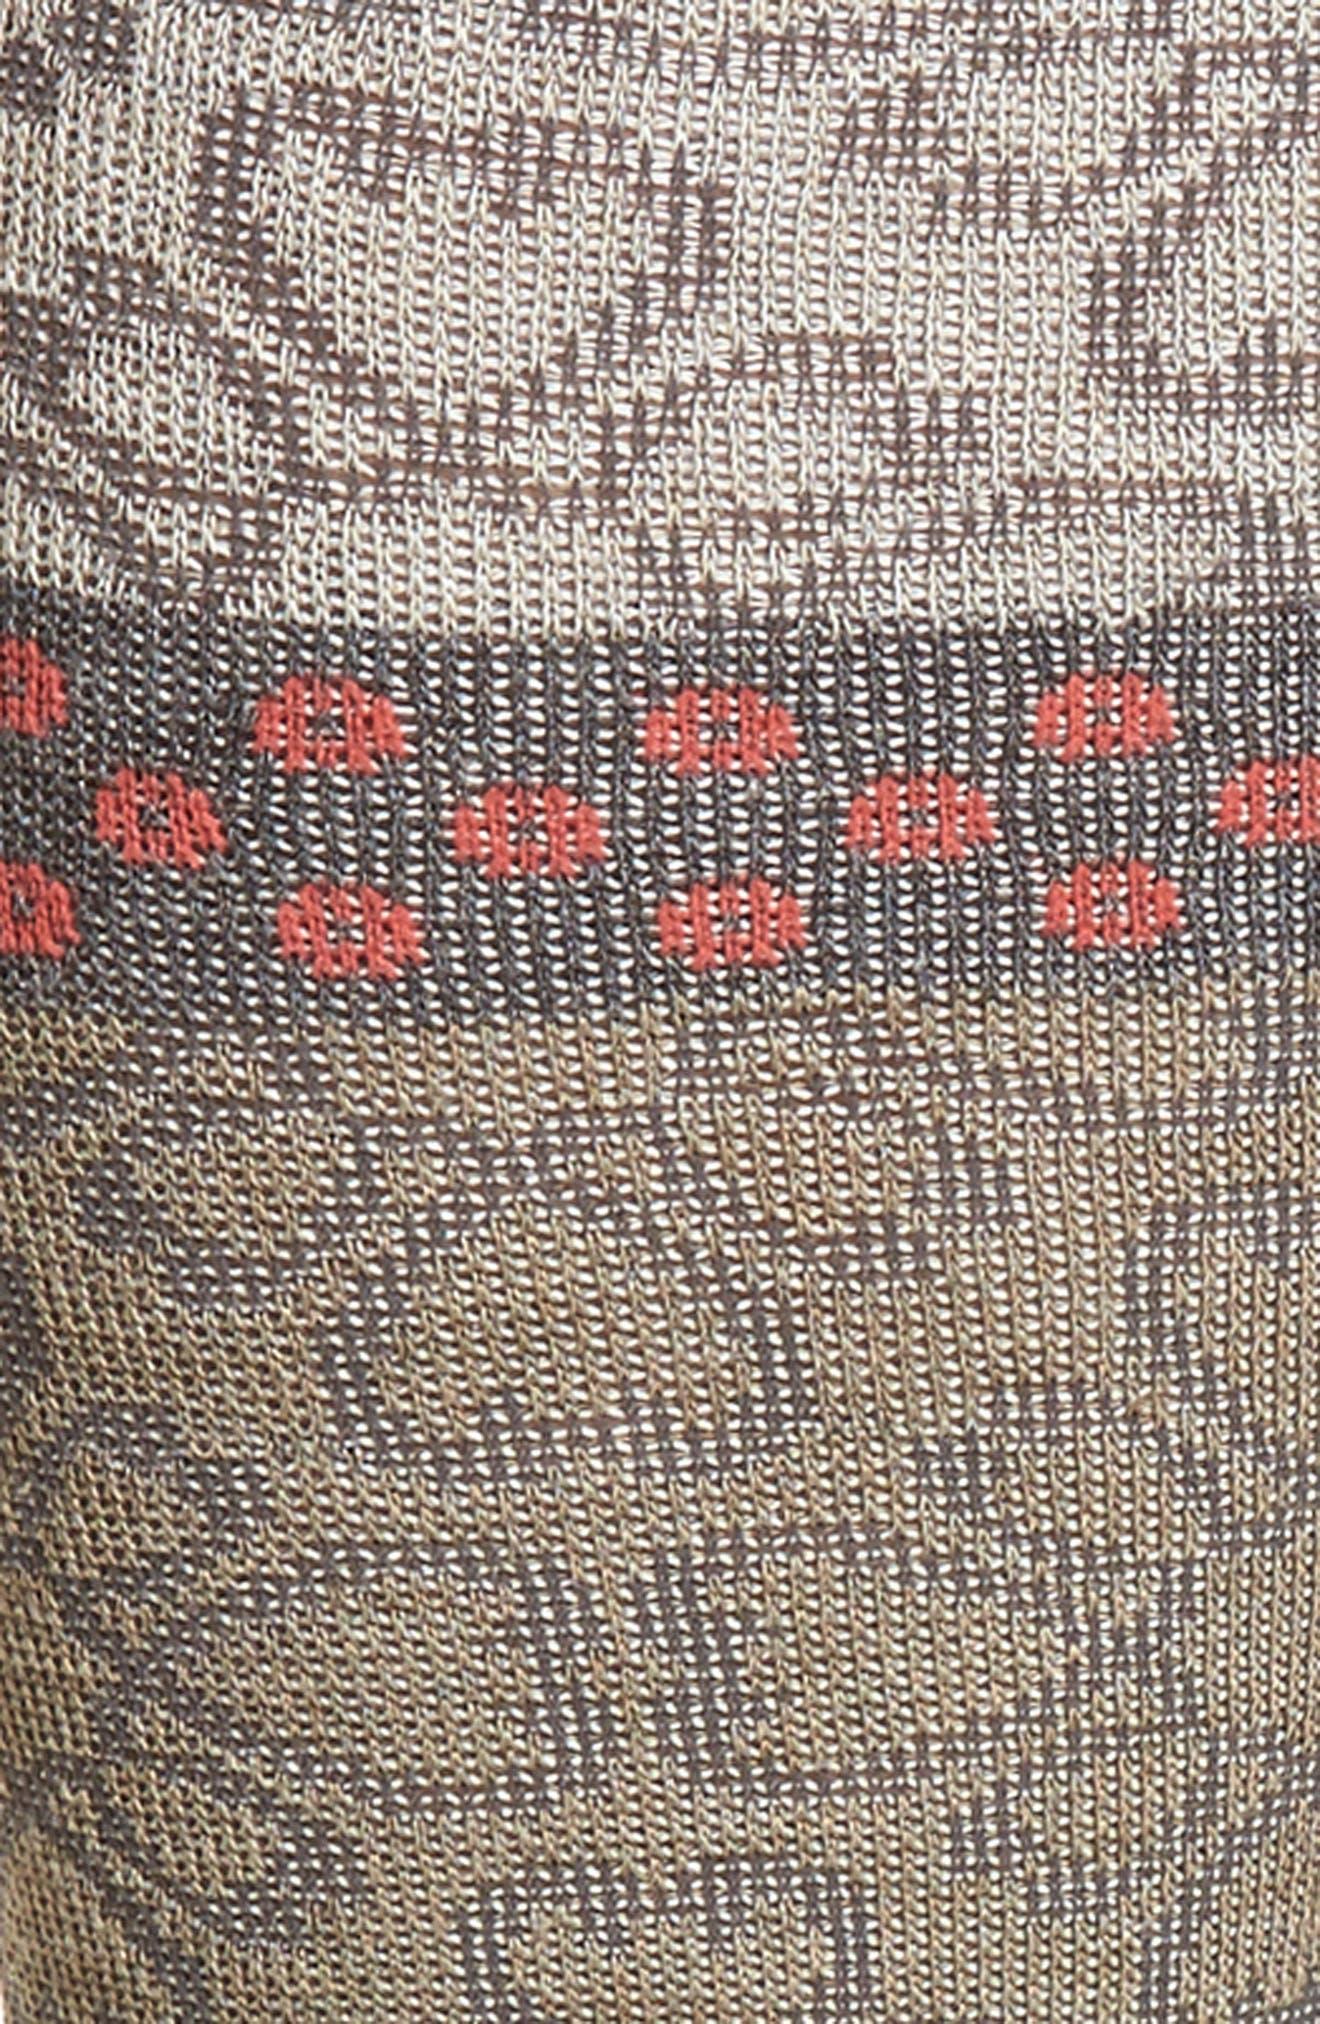 Botanical Compression Socks,                             Alternate thumbnail 2, color,                             Khaki